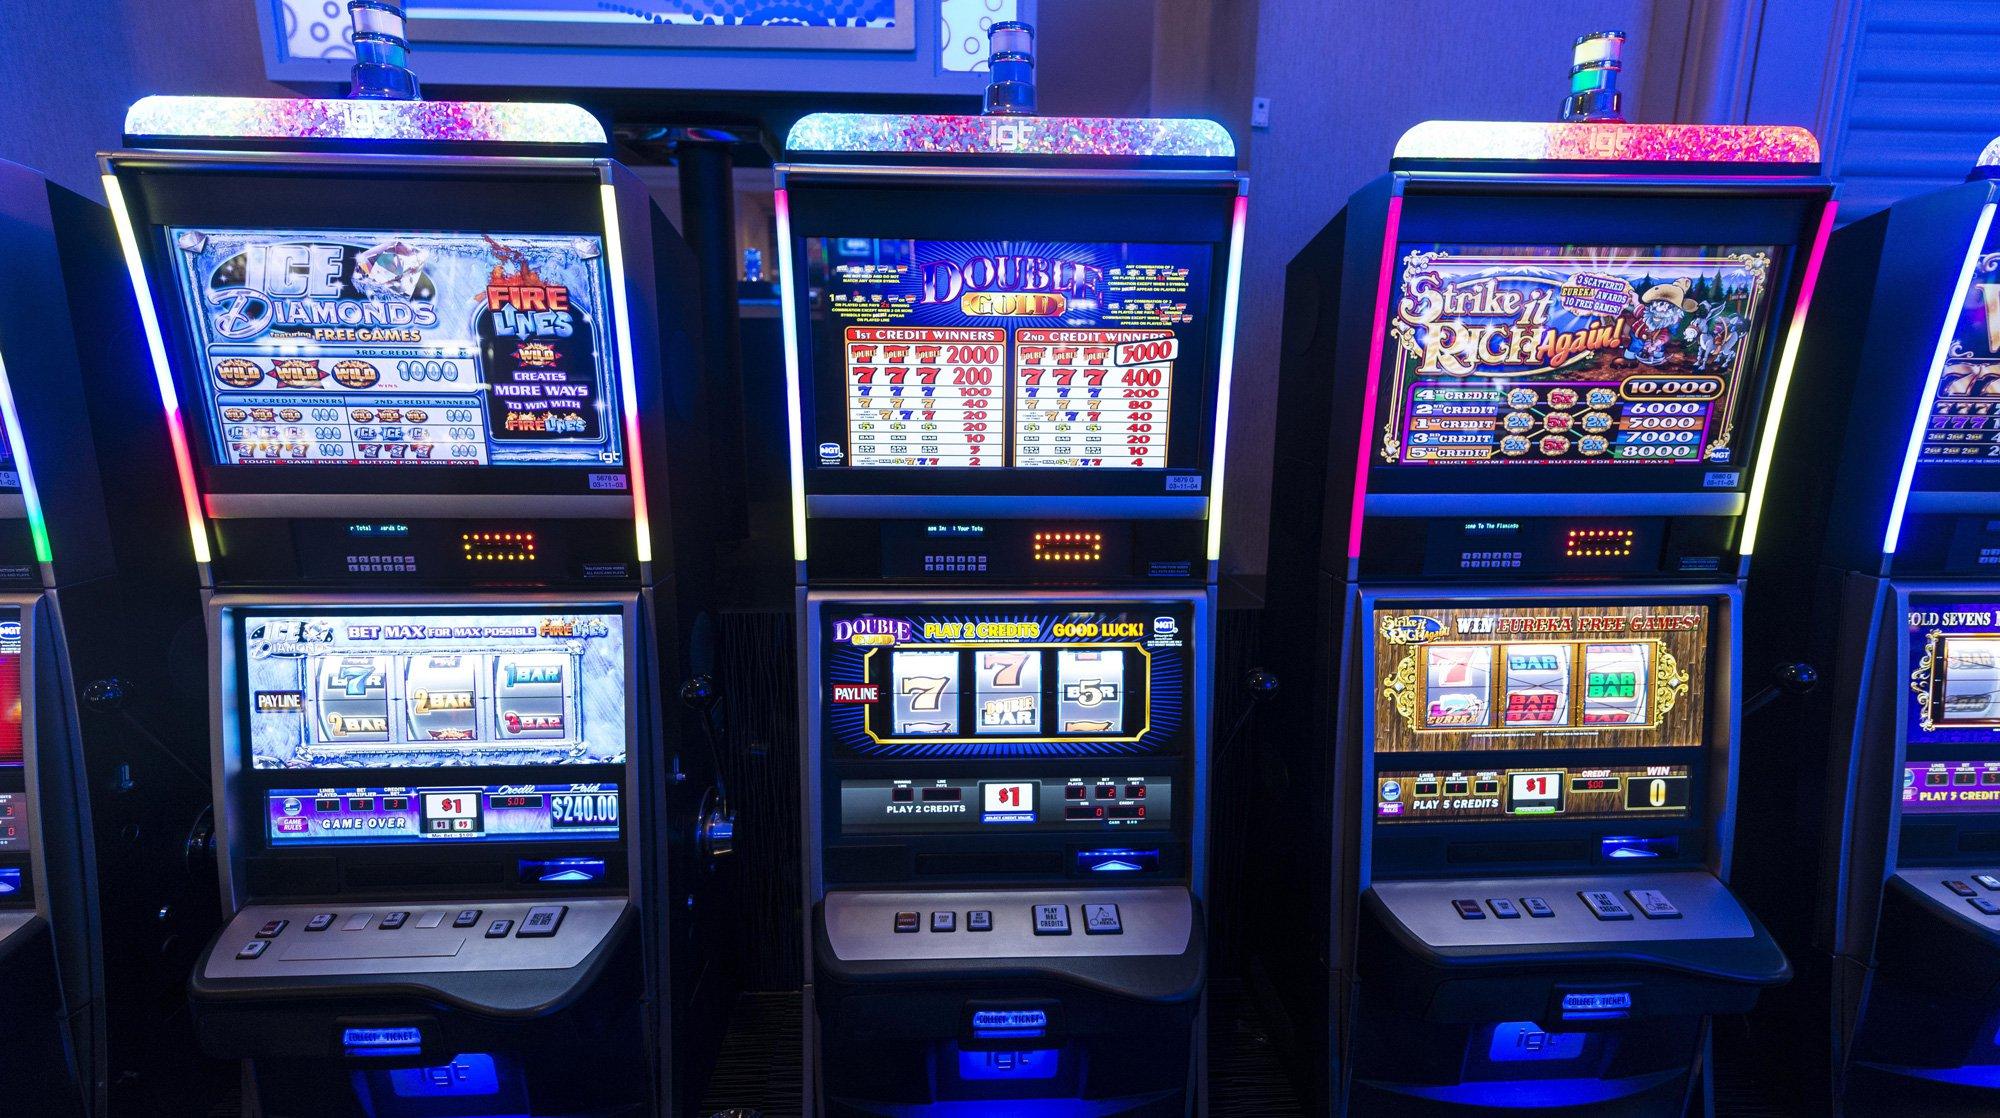 Игровой бизнес.игровые автоматы онлайн казино супер слотс игровых автоматы